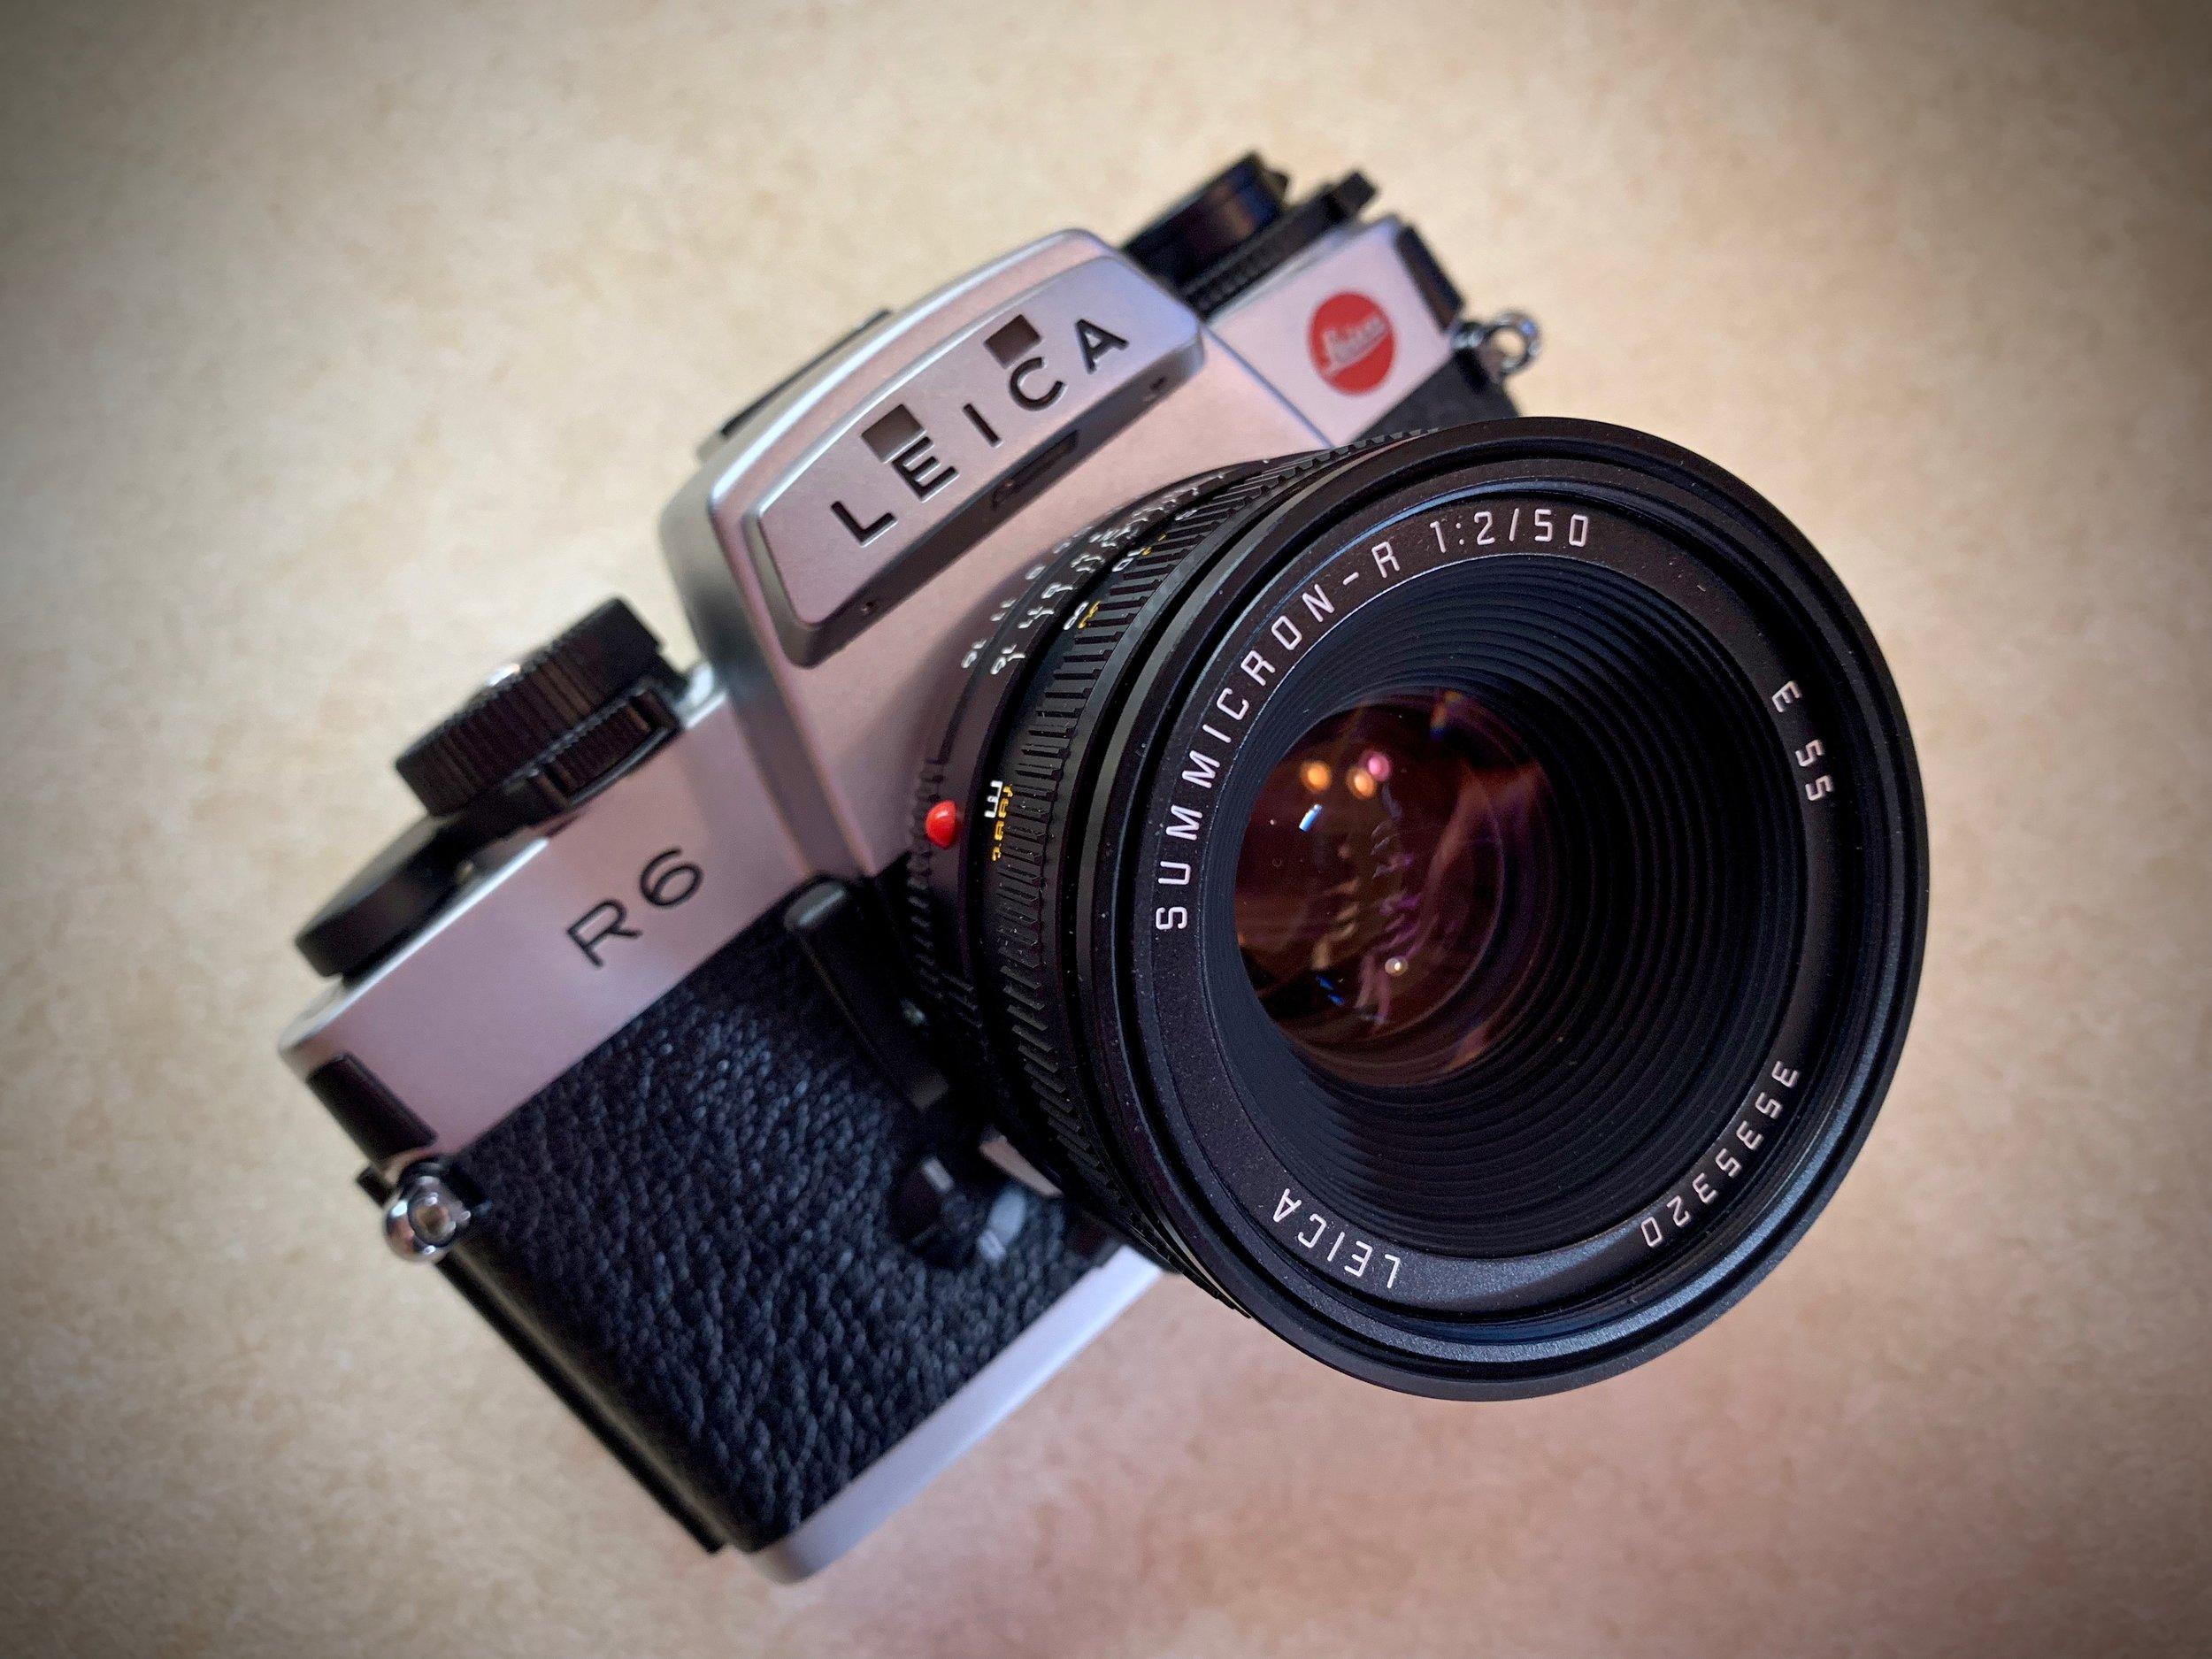 Leica R6 with 50 Summicron lens